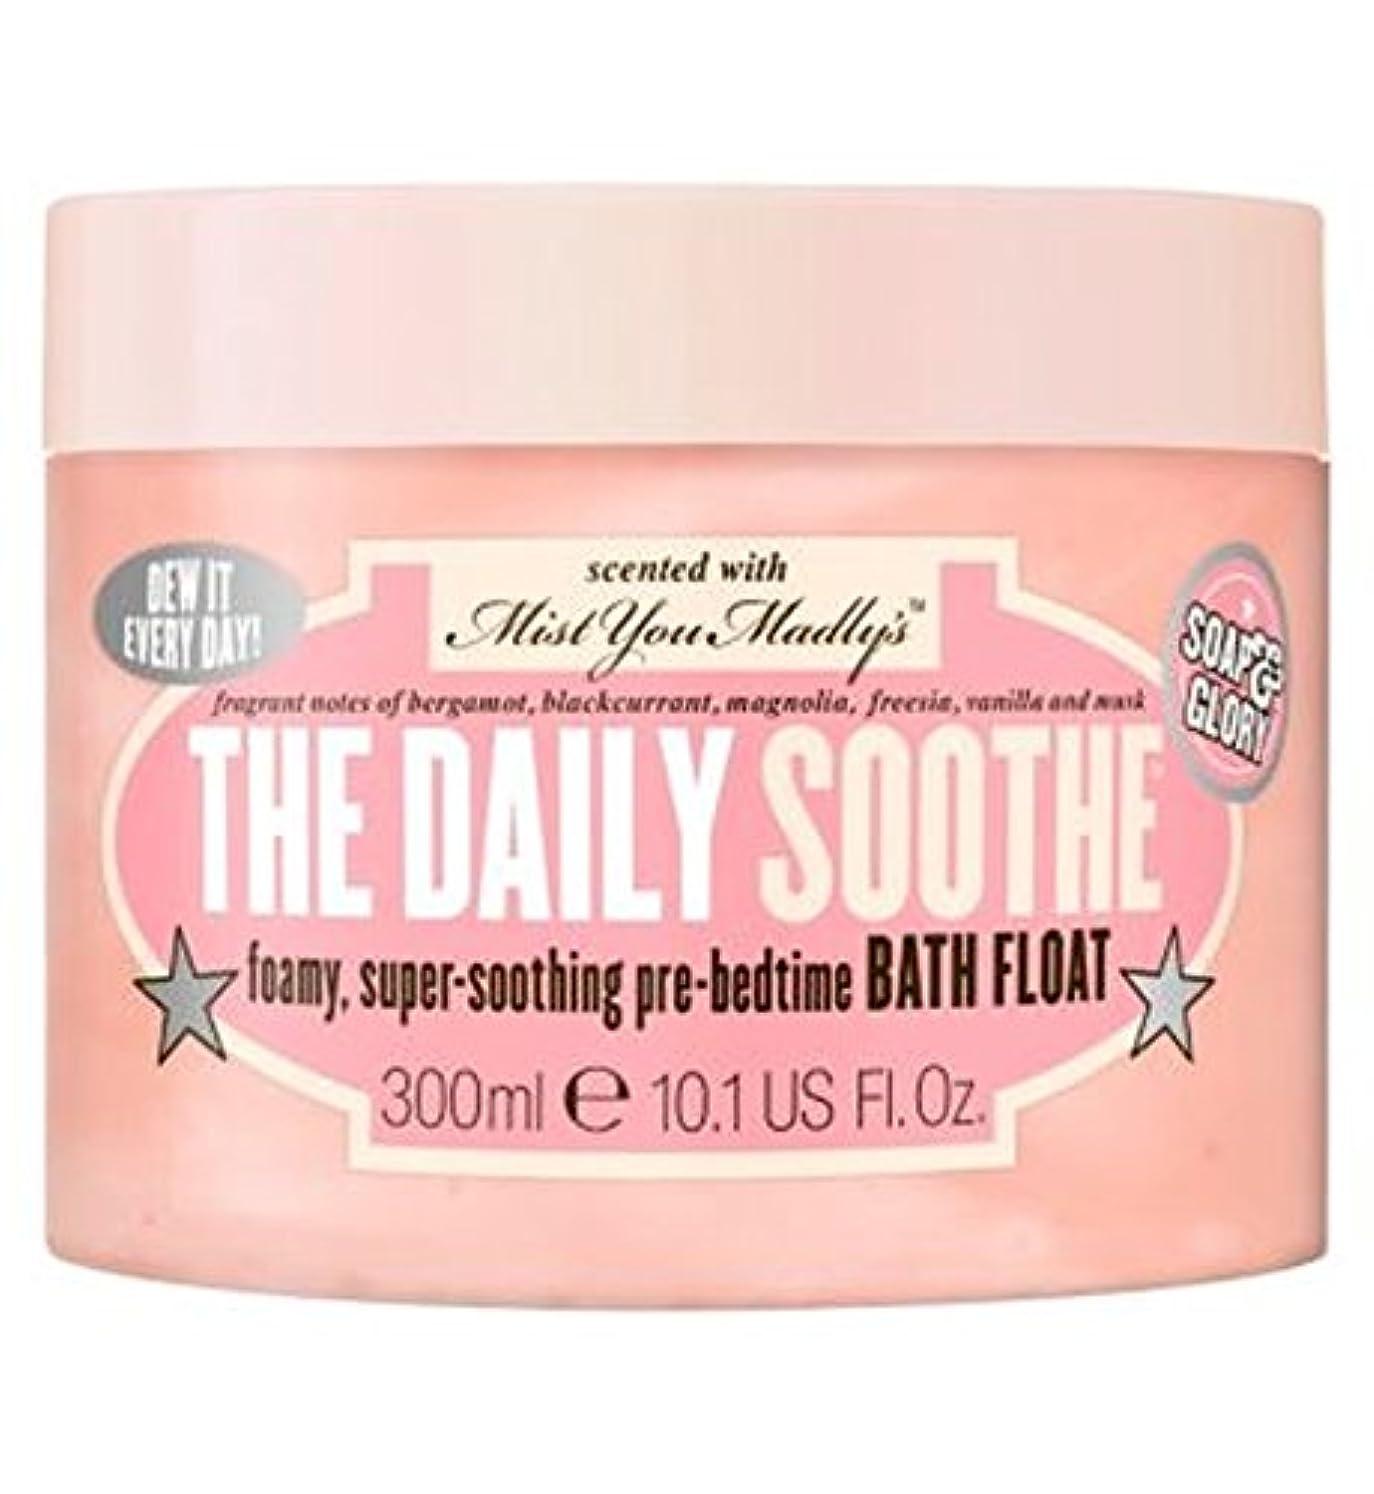 聴覚内部犬Soap & Glory The Daily Soothe Bath Float - 石鹸&栄光毎日癒すバスフロート (Soap & Glory) [並行輸入品]